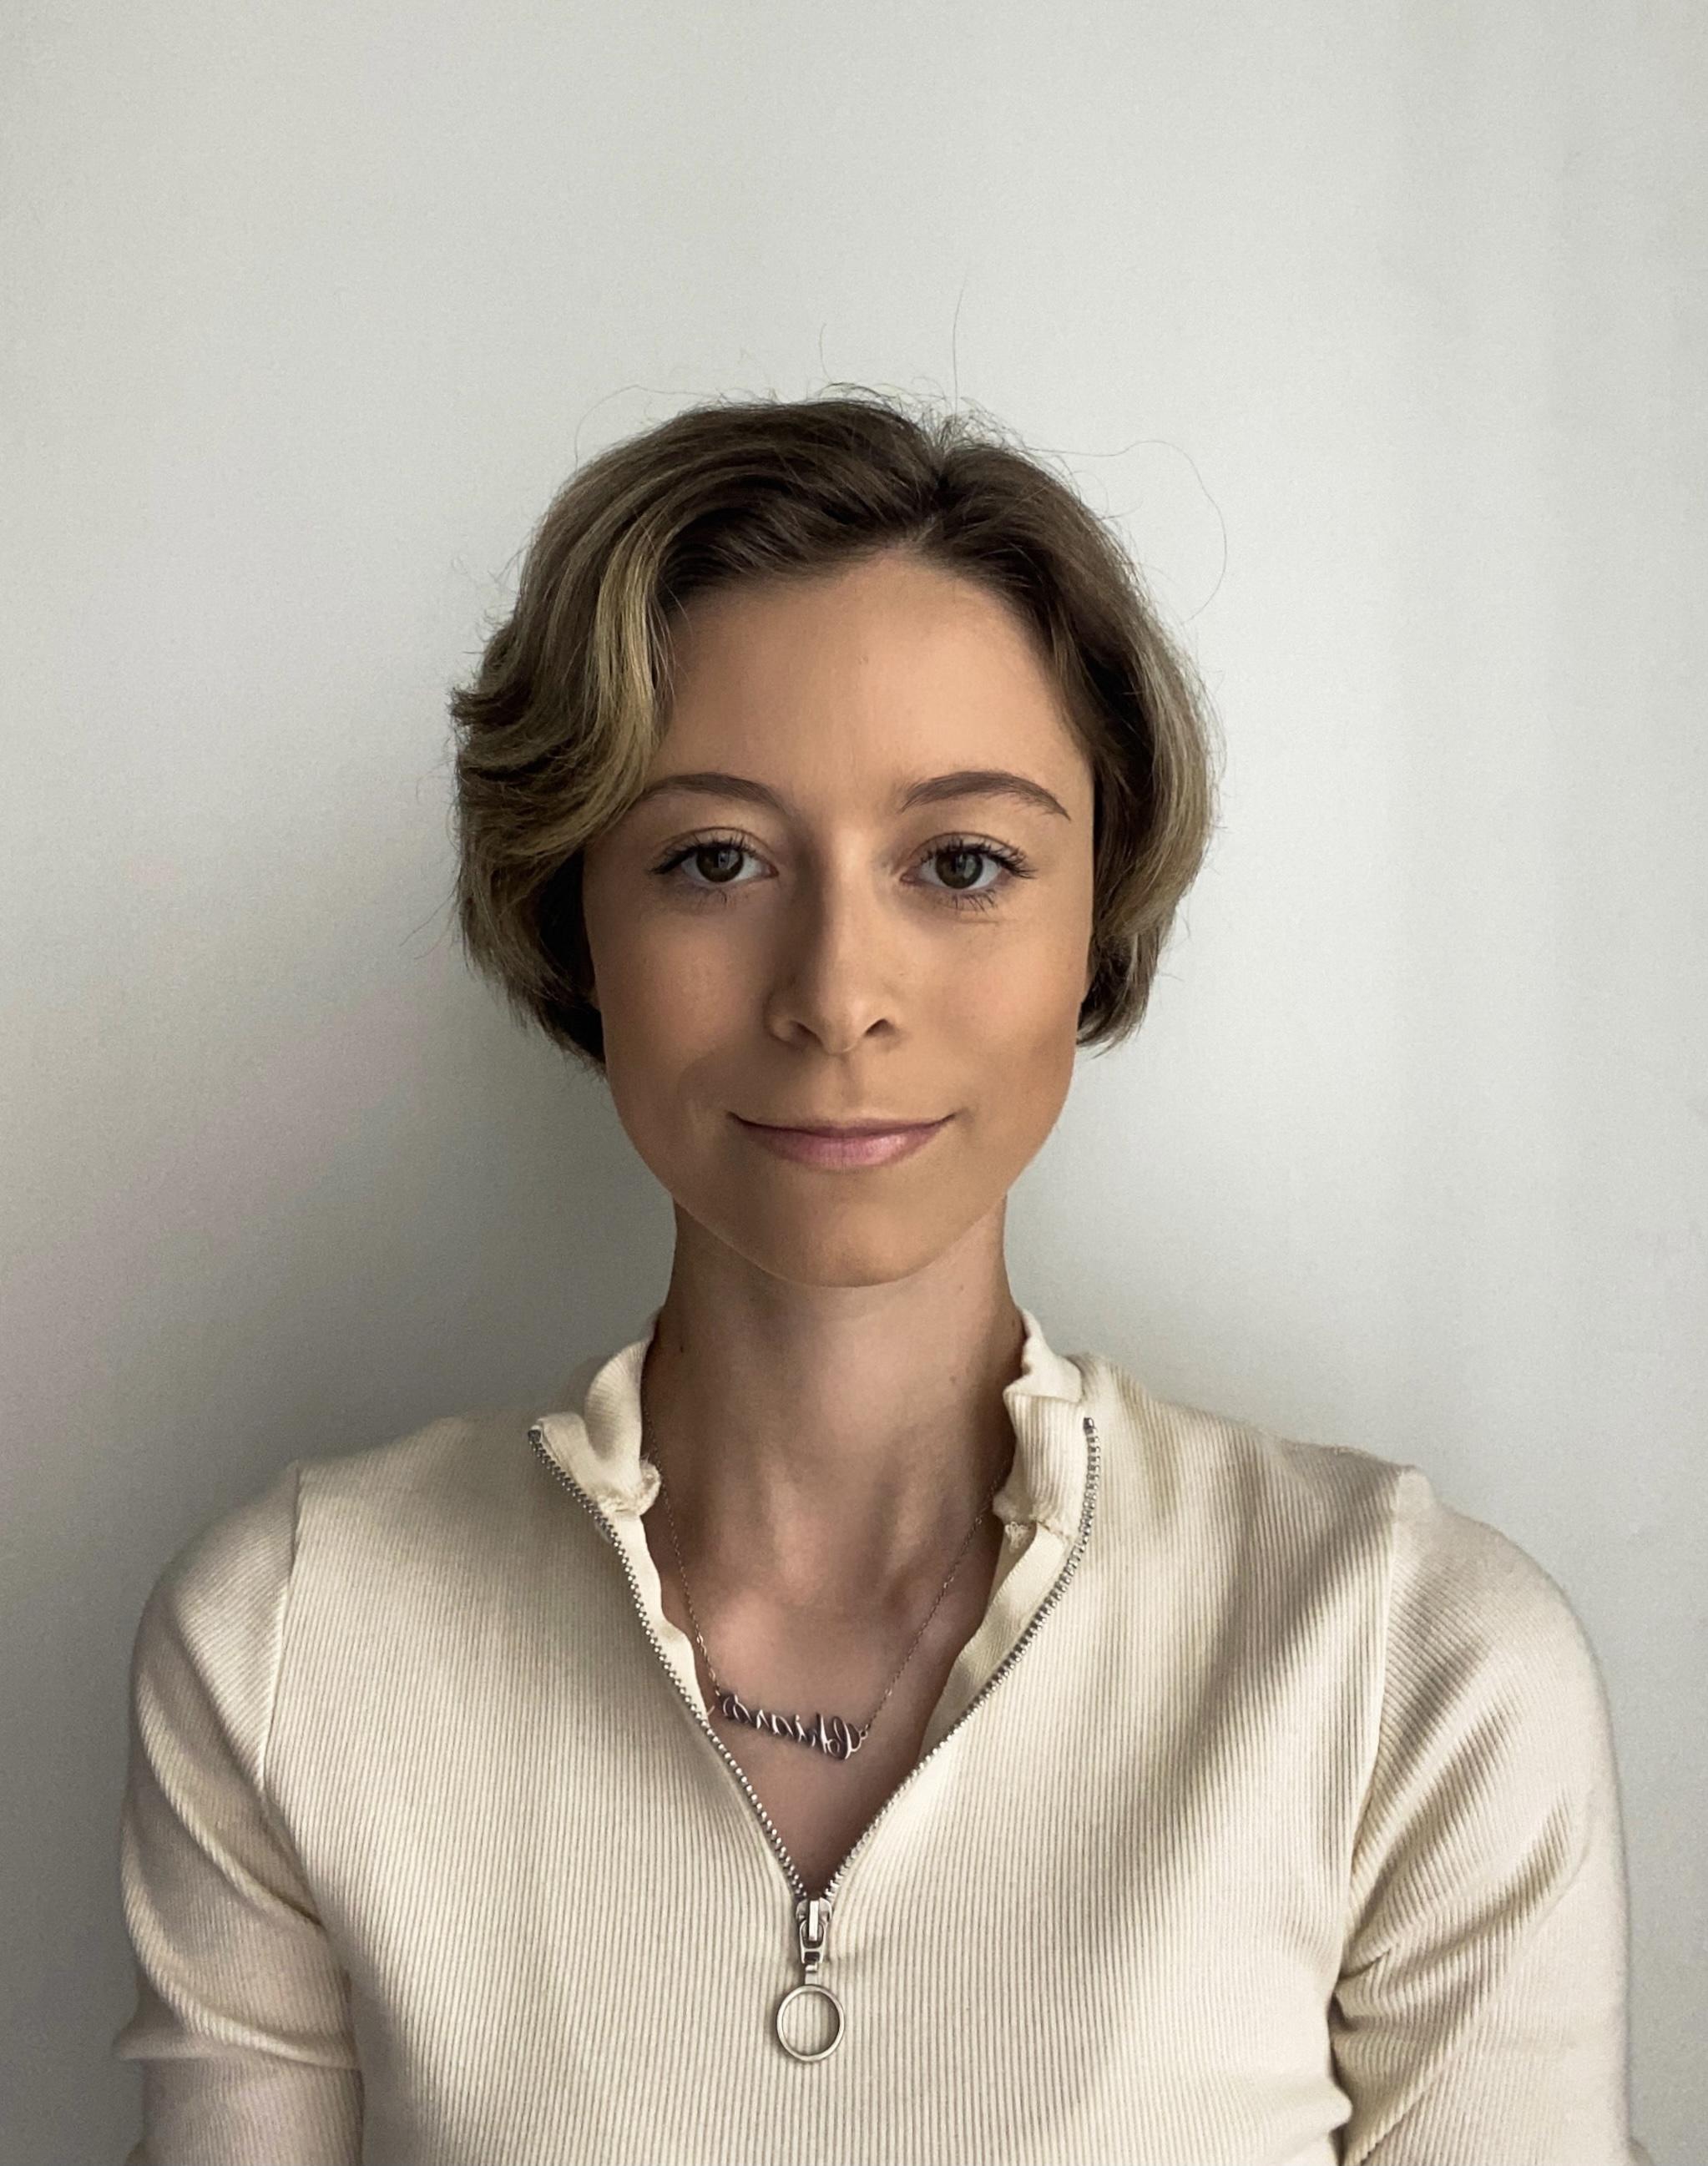 Chiara Melloni - Operatore Aggiornato